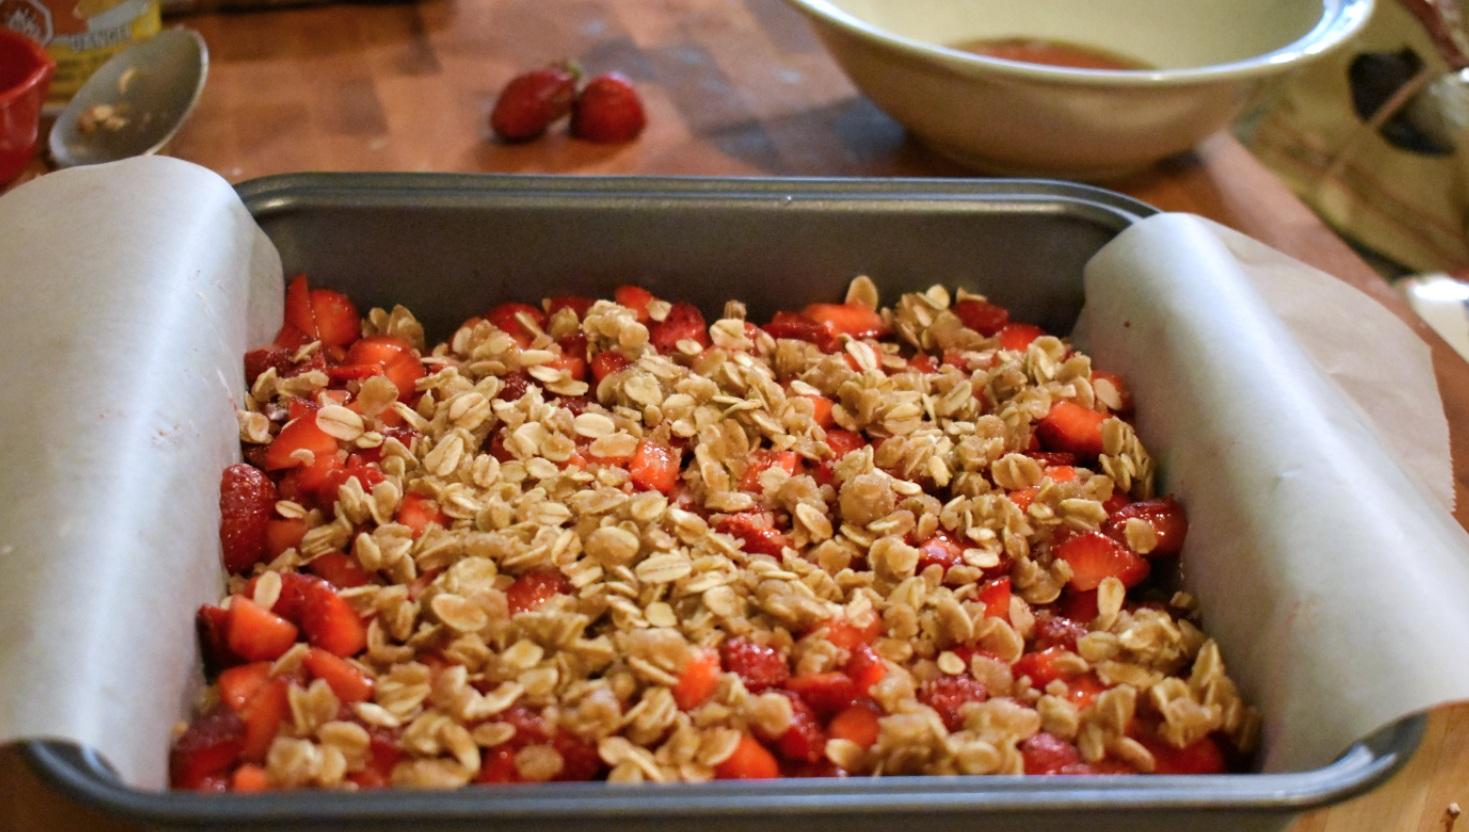 Carrés aux fraises style croustade - Auboutdelalangue.com (5)